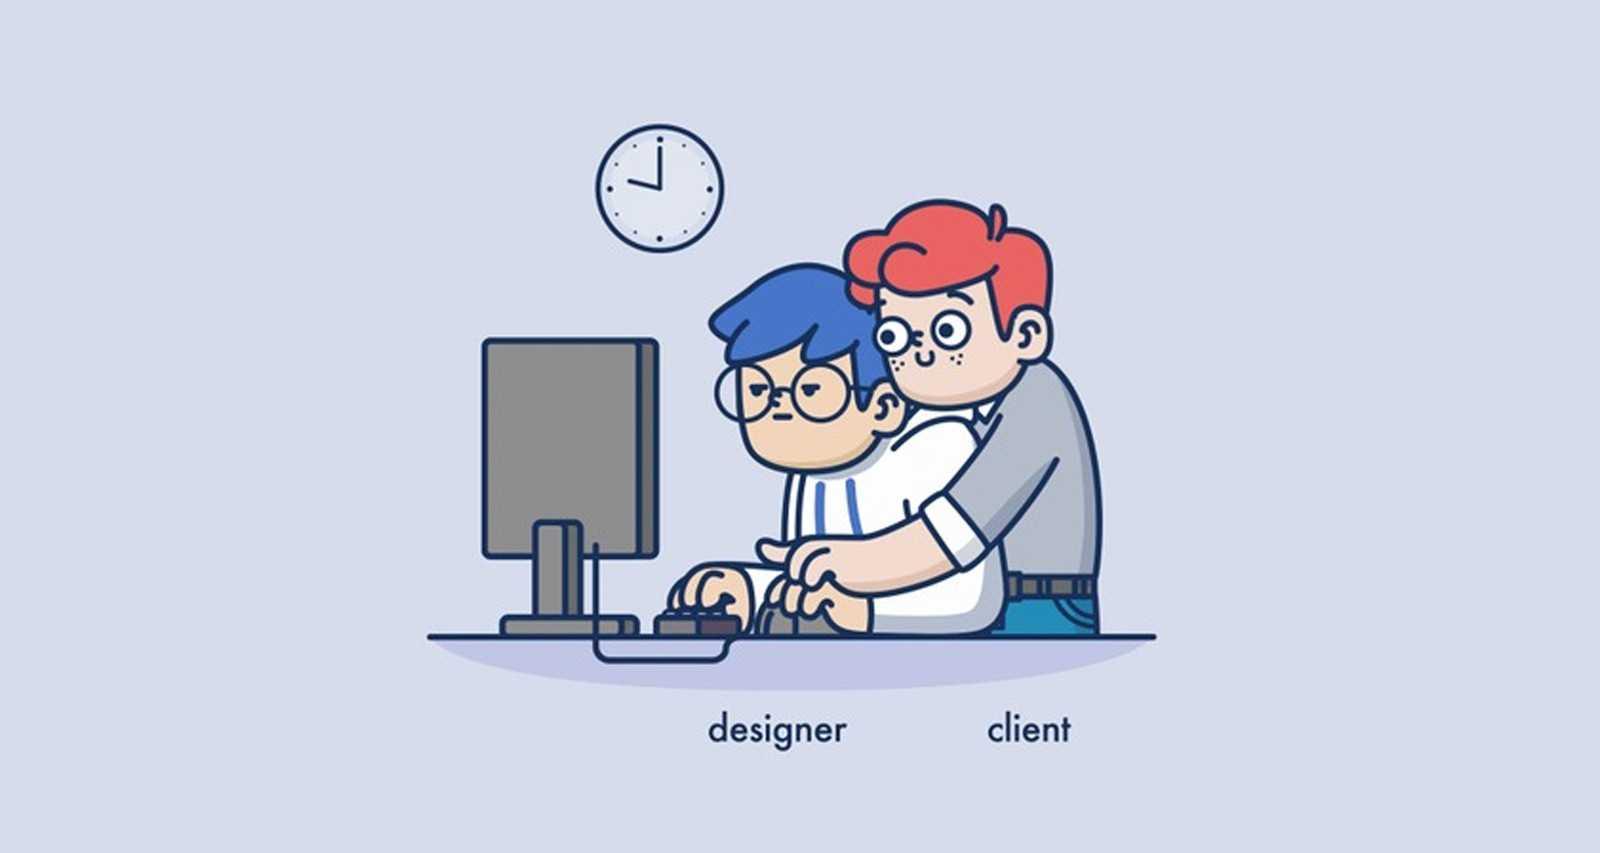 Дизайнеры и клиенты